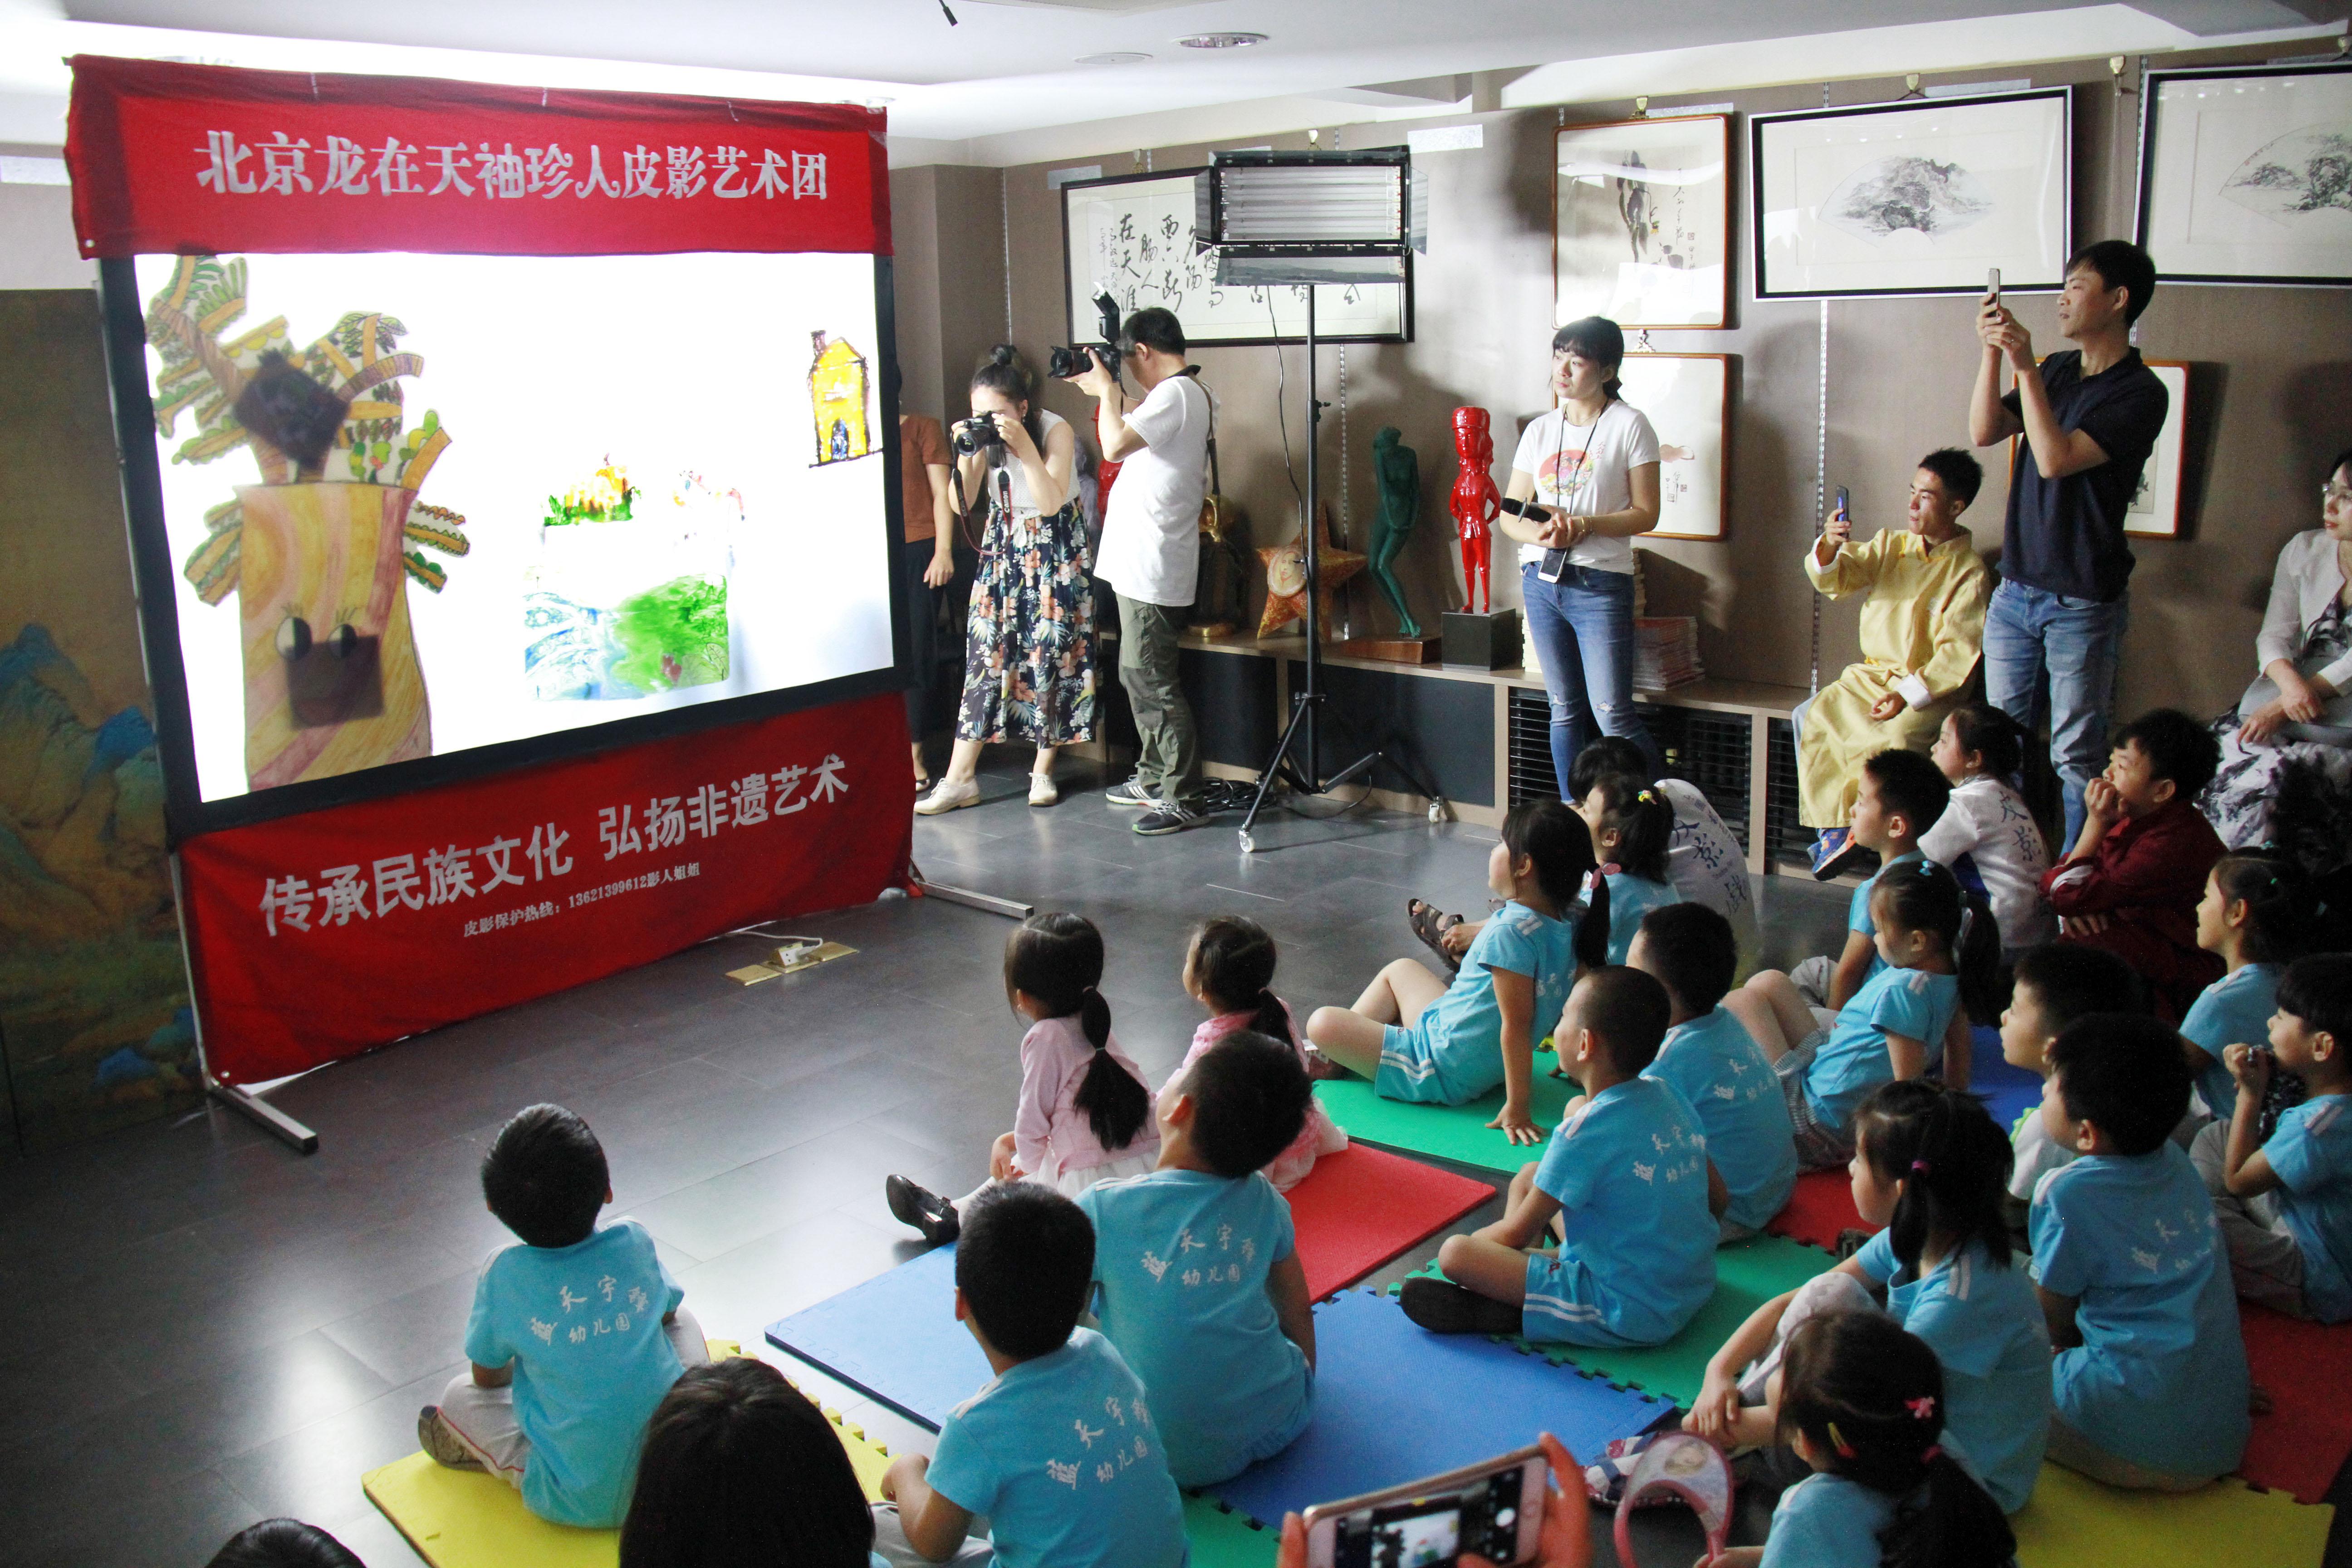 人教书苑六一主题活动引外国游客关注